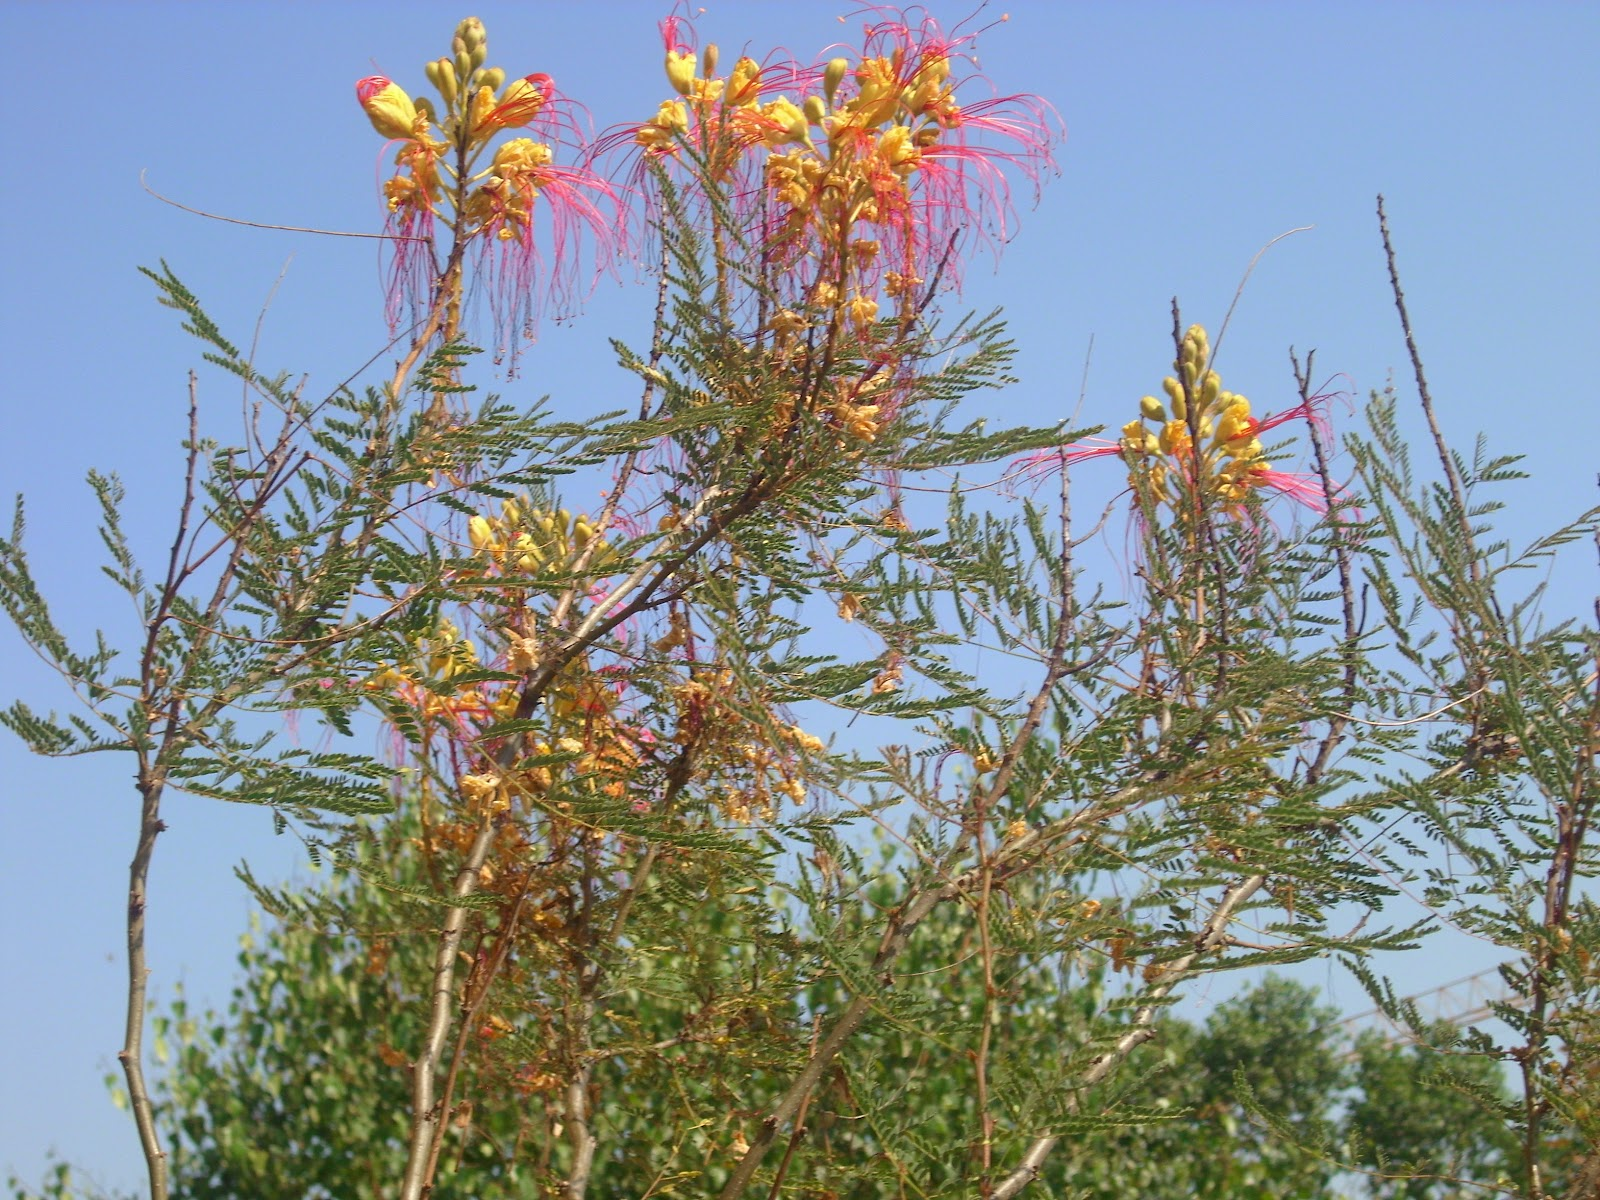 Fiori Gialli Con Pistilli Rossi.Arbustum Monsleonis Un Bellissimo E Singolare Arbusto Estivo La